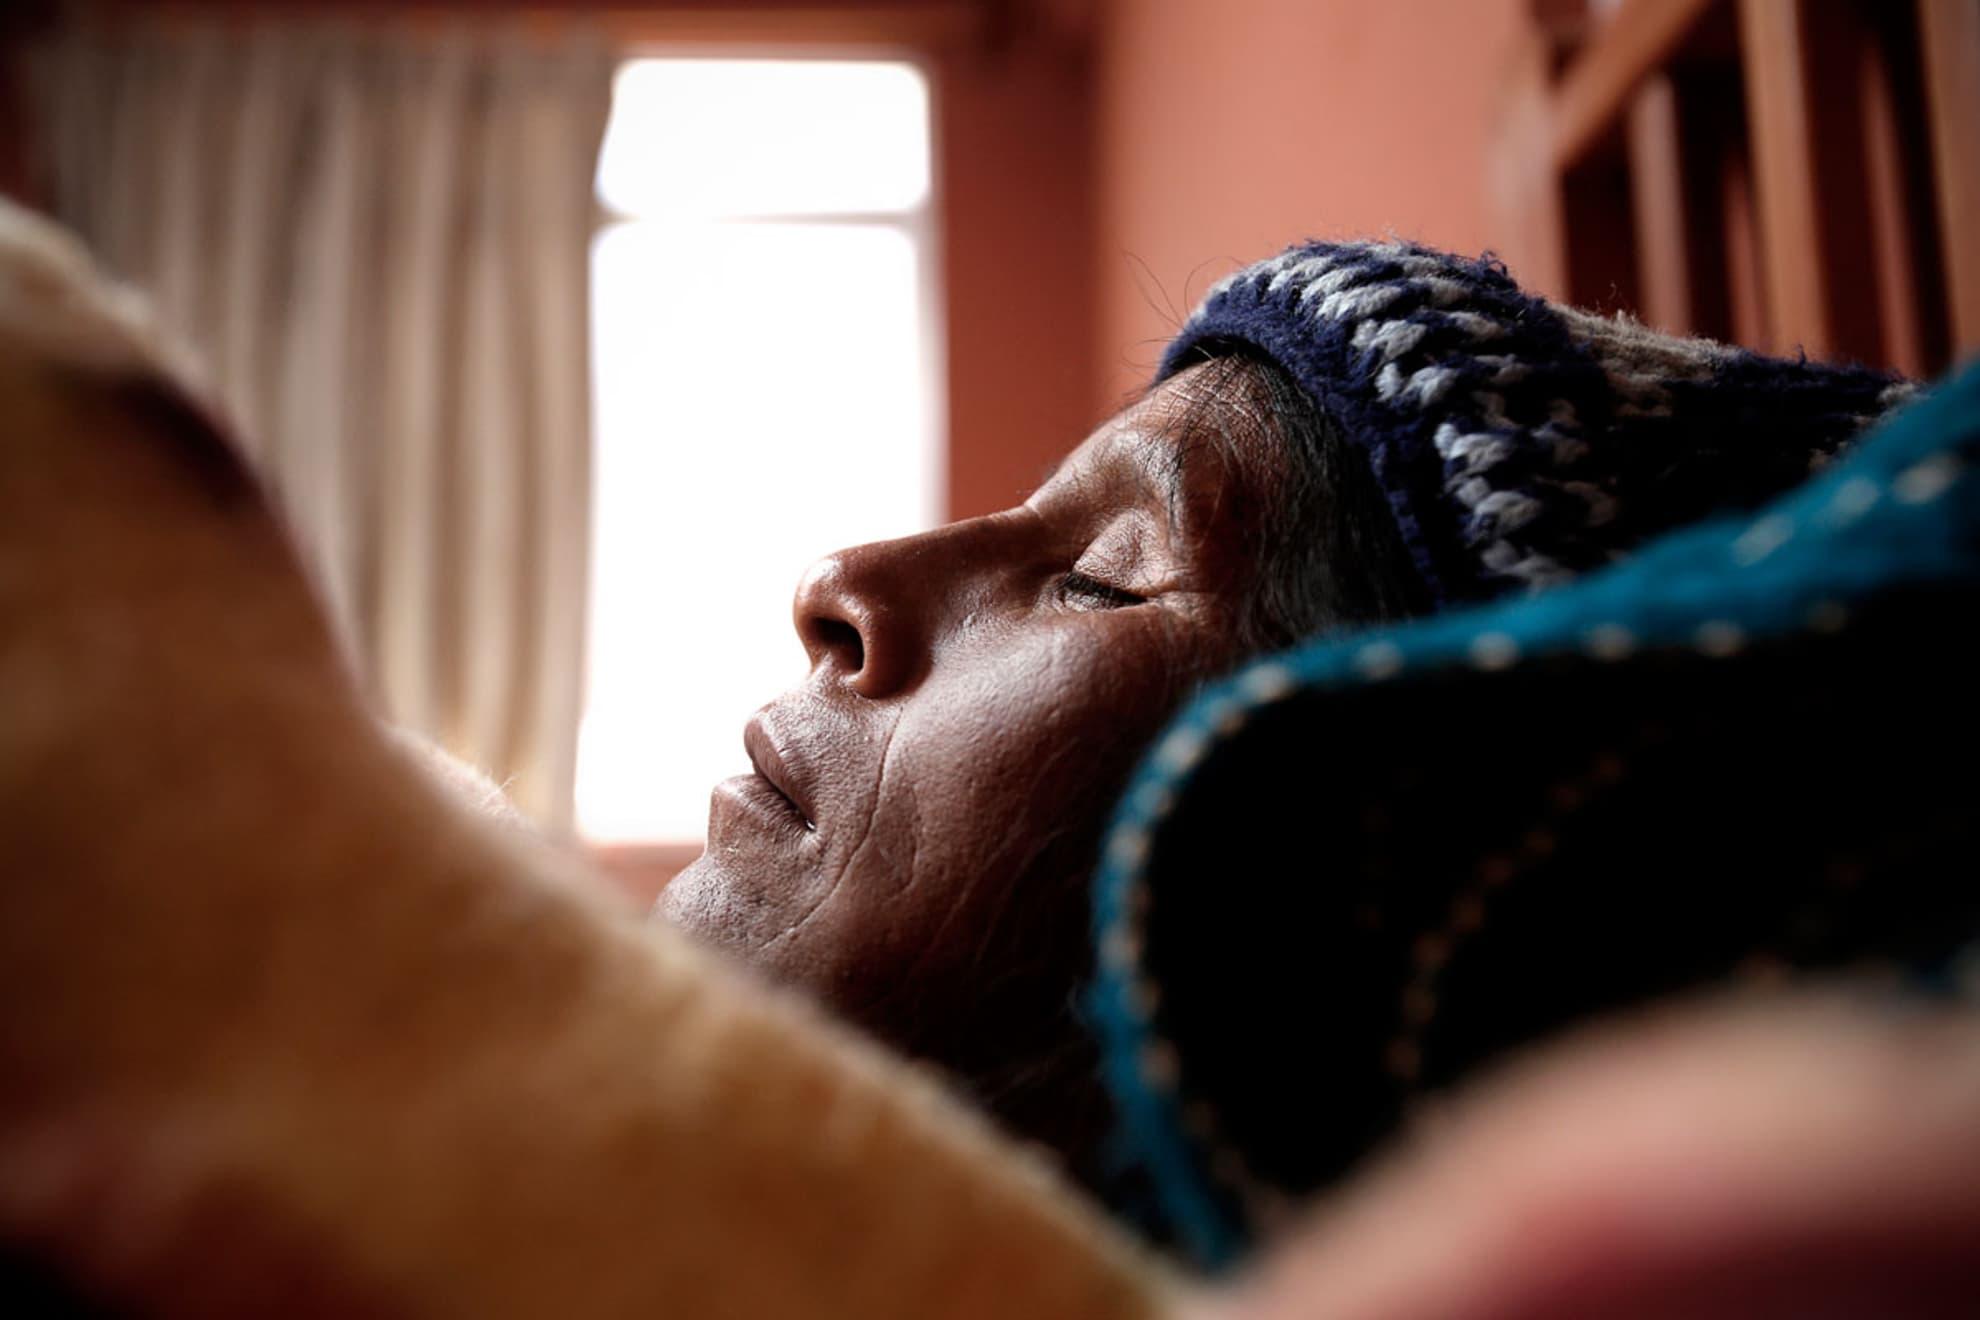 Andrea Paris Mamani tiene 45 años y 6 hijos. Sofía 19 años, Felix 15 años, Segundina 12 años, Iliana 8 años, Crisilda 6 años, Ruben 5 años. Su esposo es Lorenzo Coca de 48 años y originario de Potosí. Viven en la localidad de Belén Iquiaca, en Patacamaya después de dar a luz a un bebe muerto.